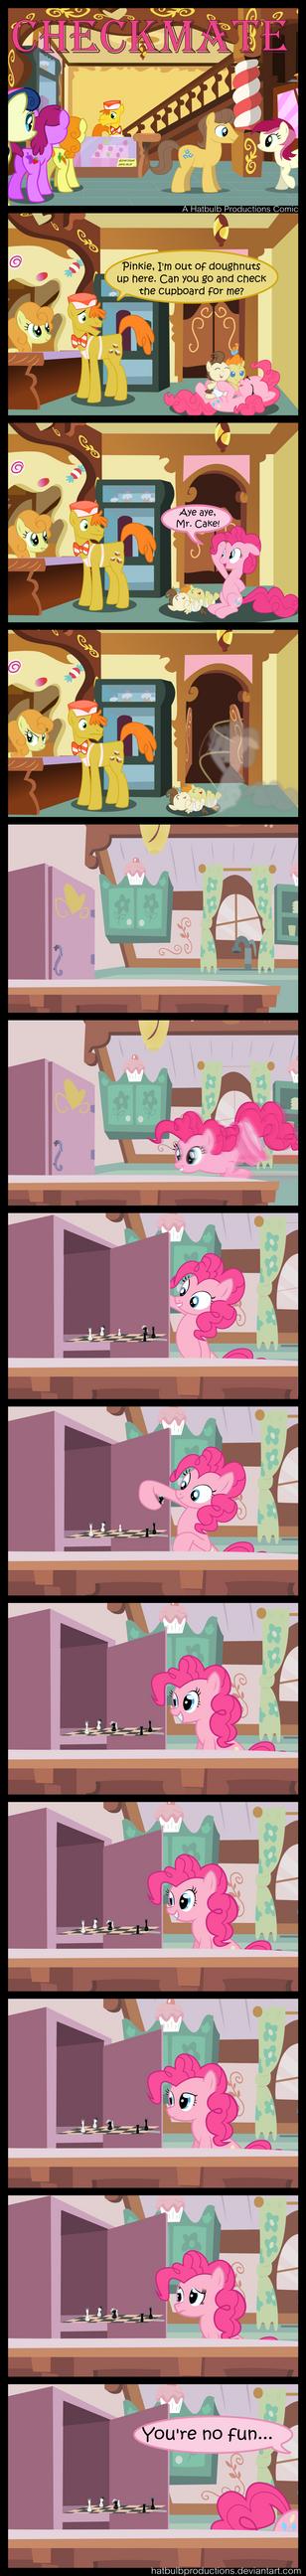 COMIC: Checkmate